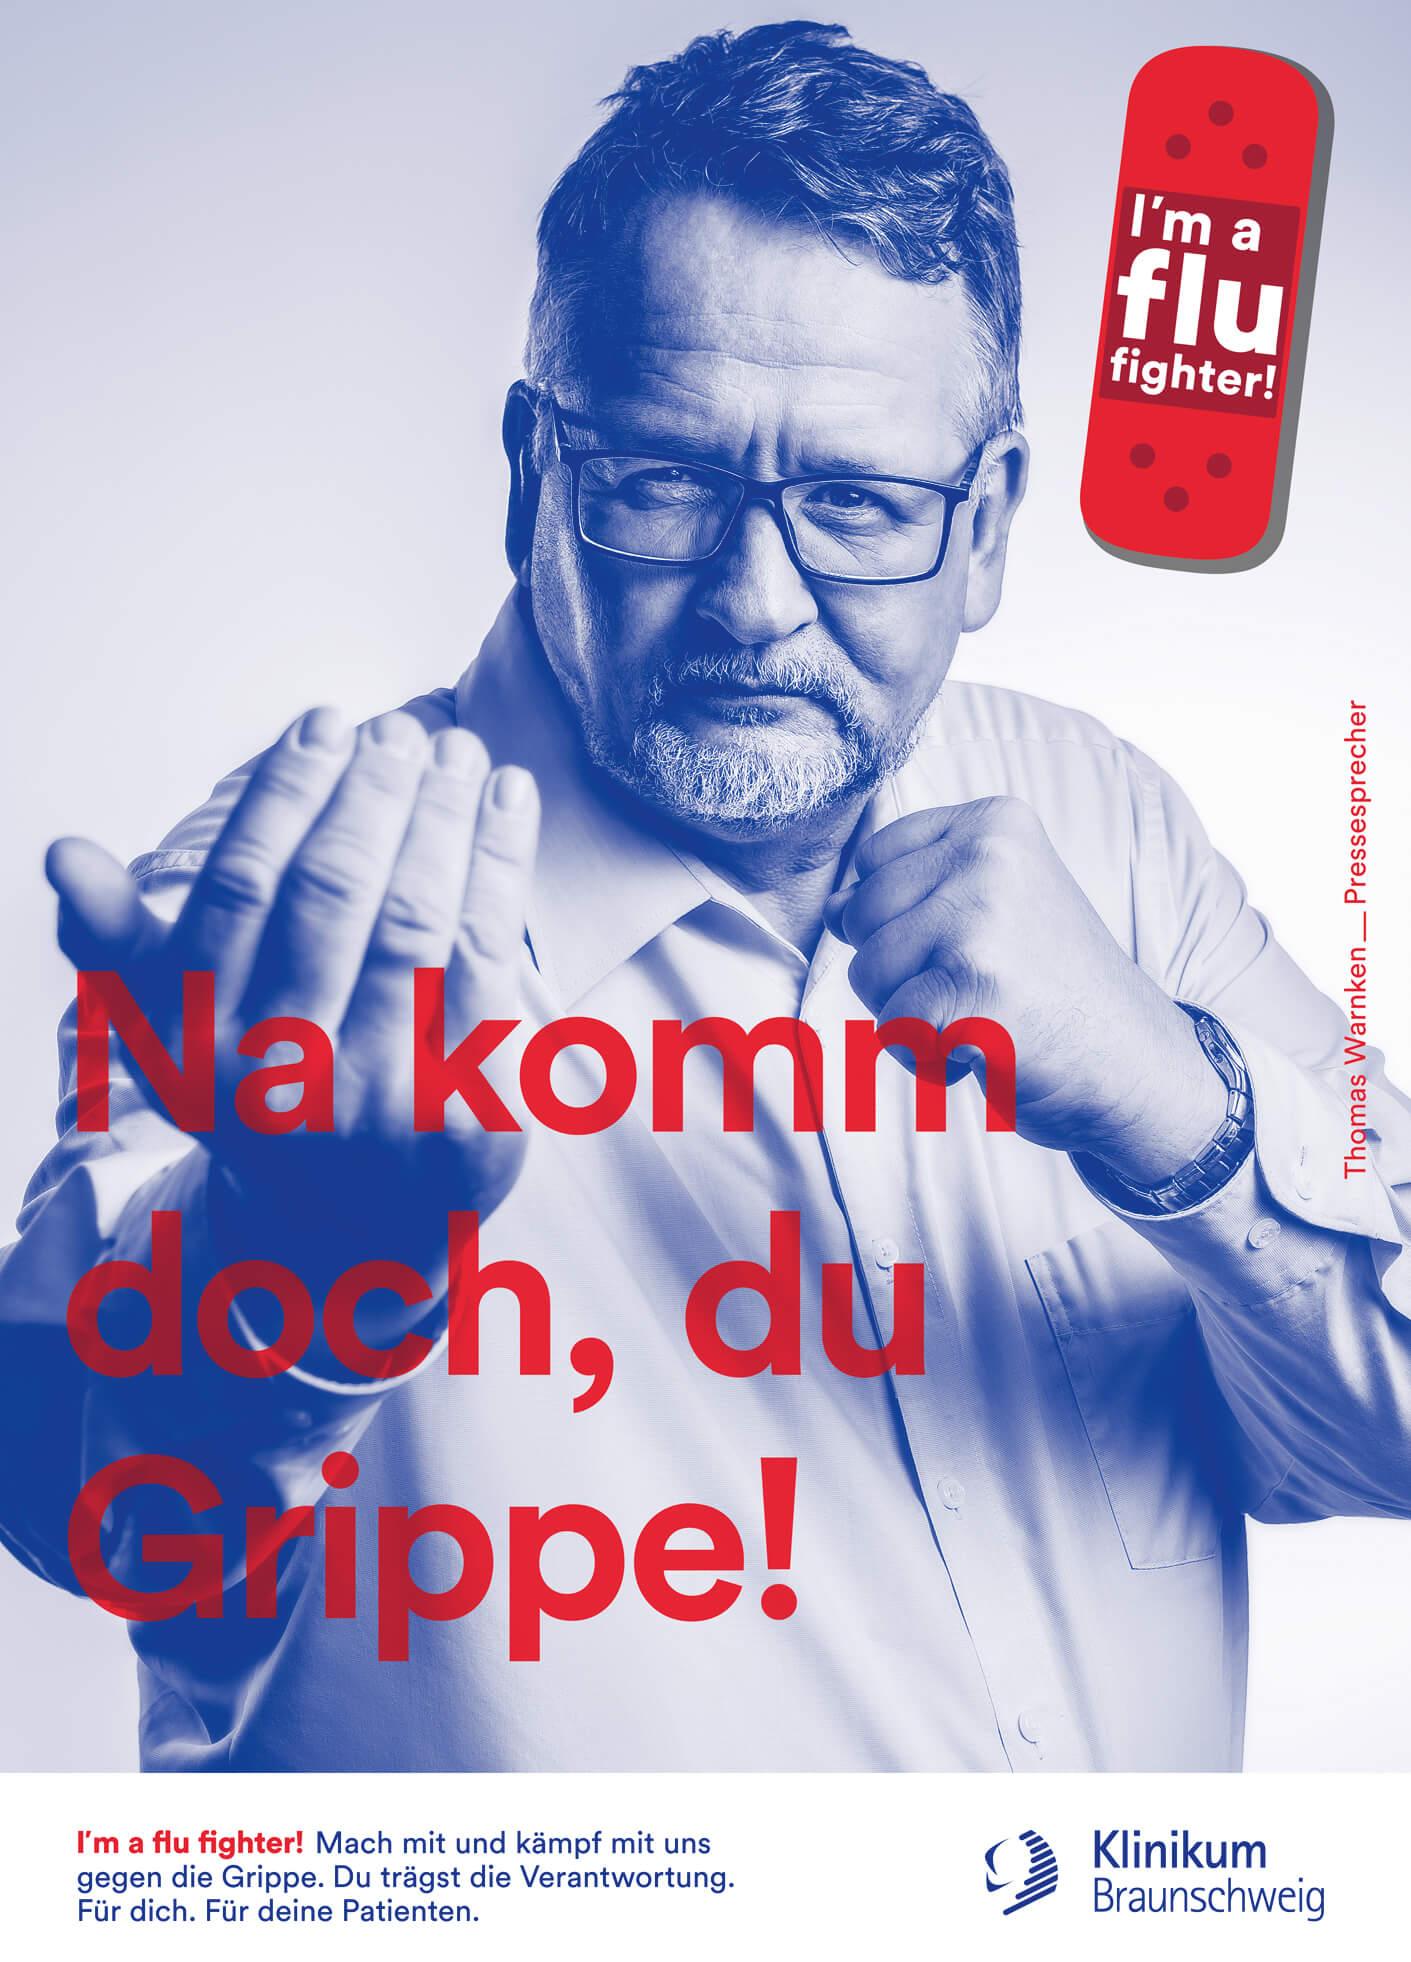 cyclos klinikum braunschweig kampagne flu fighter plakat Werbeagentur Marketing Klinikum